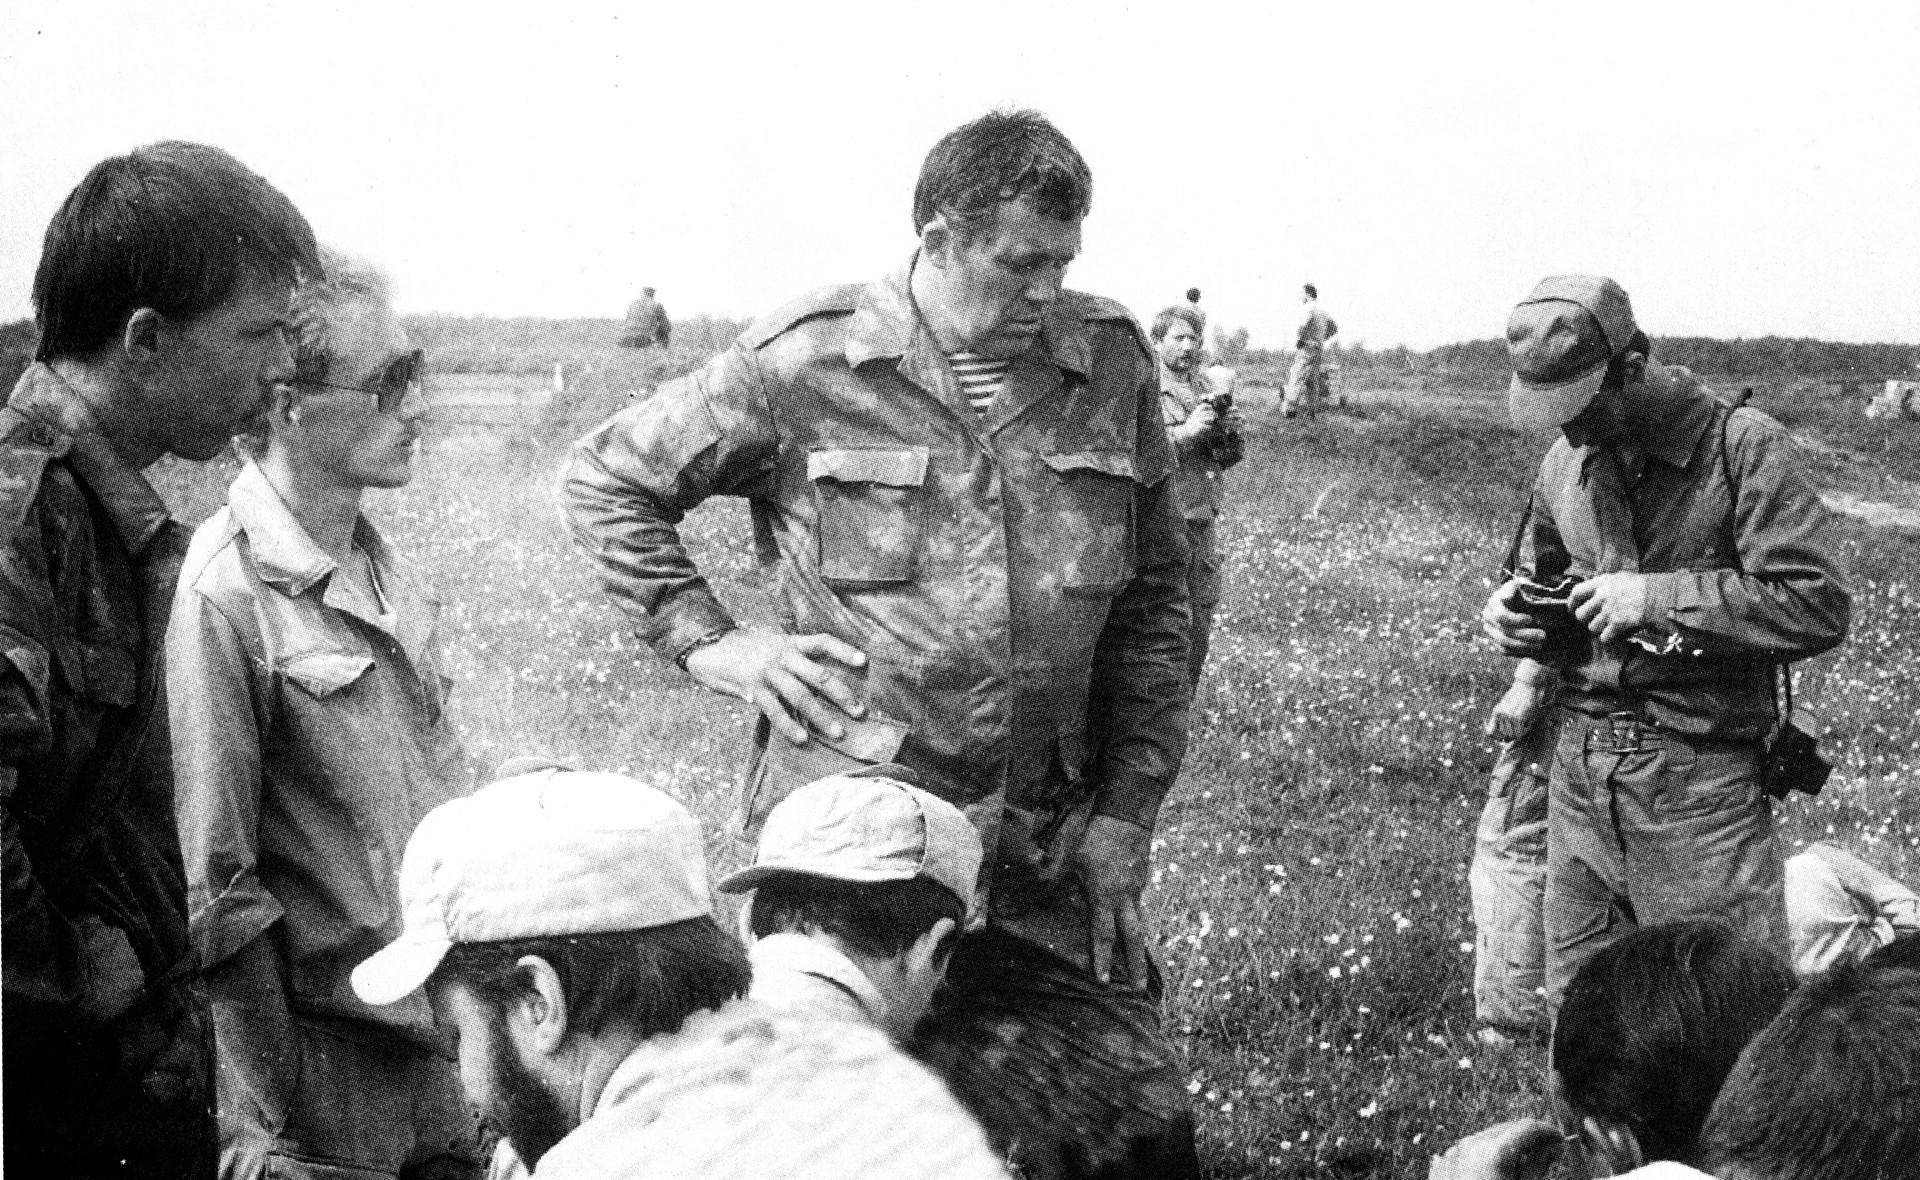 Сергеј Голов у средини